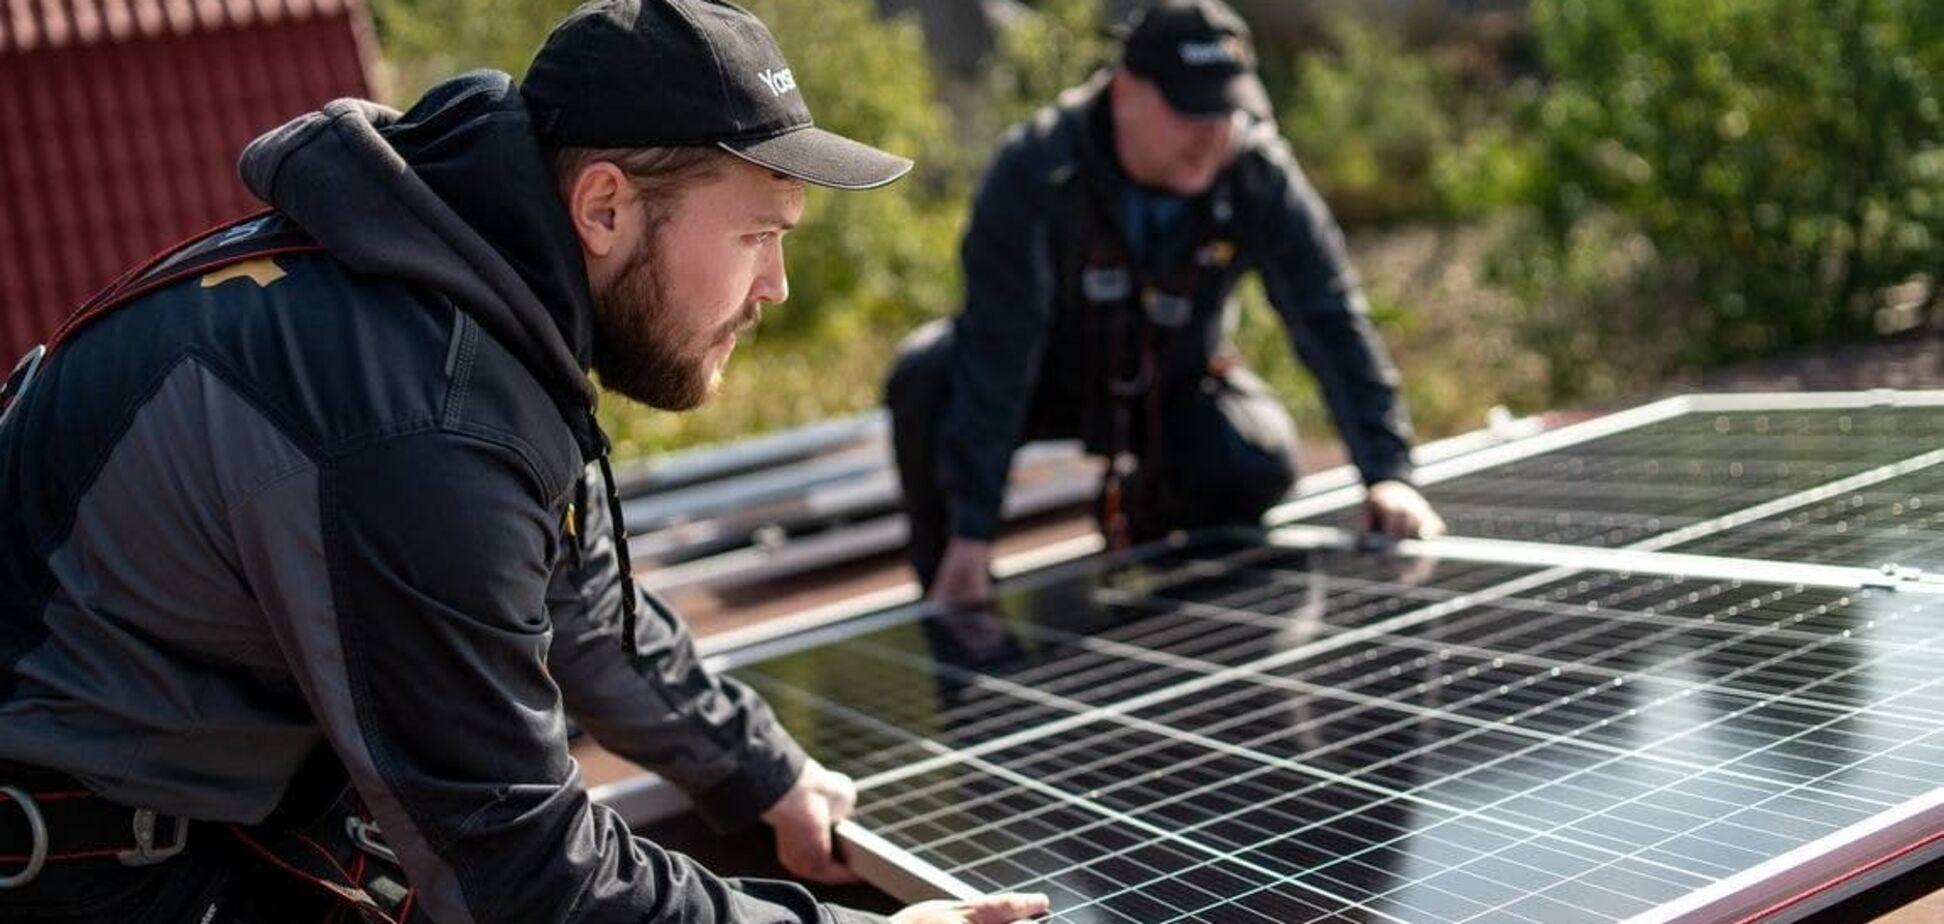 Постачальник YASNO допомагає зменшувати кількість викидів СО2 на 300 тисяч тон щороку